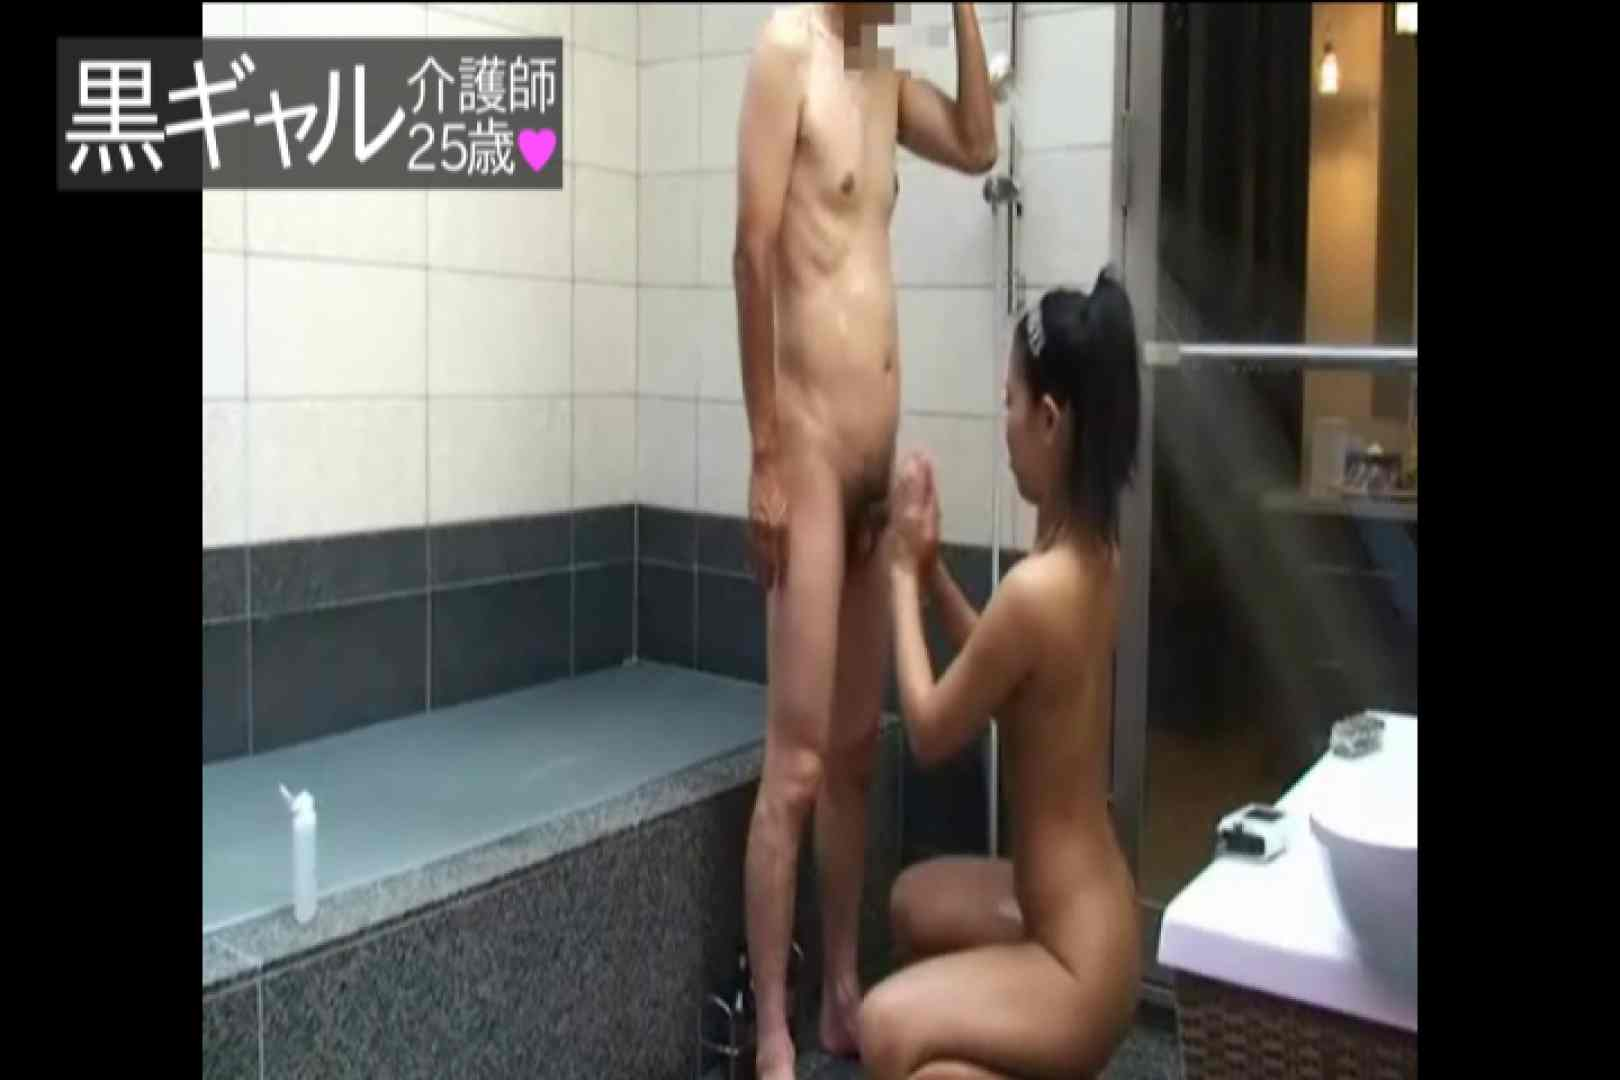 独占入手 従順M黒ギャル介護師25歳vol.4 ギャル AV無料 105PIX 15